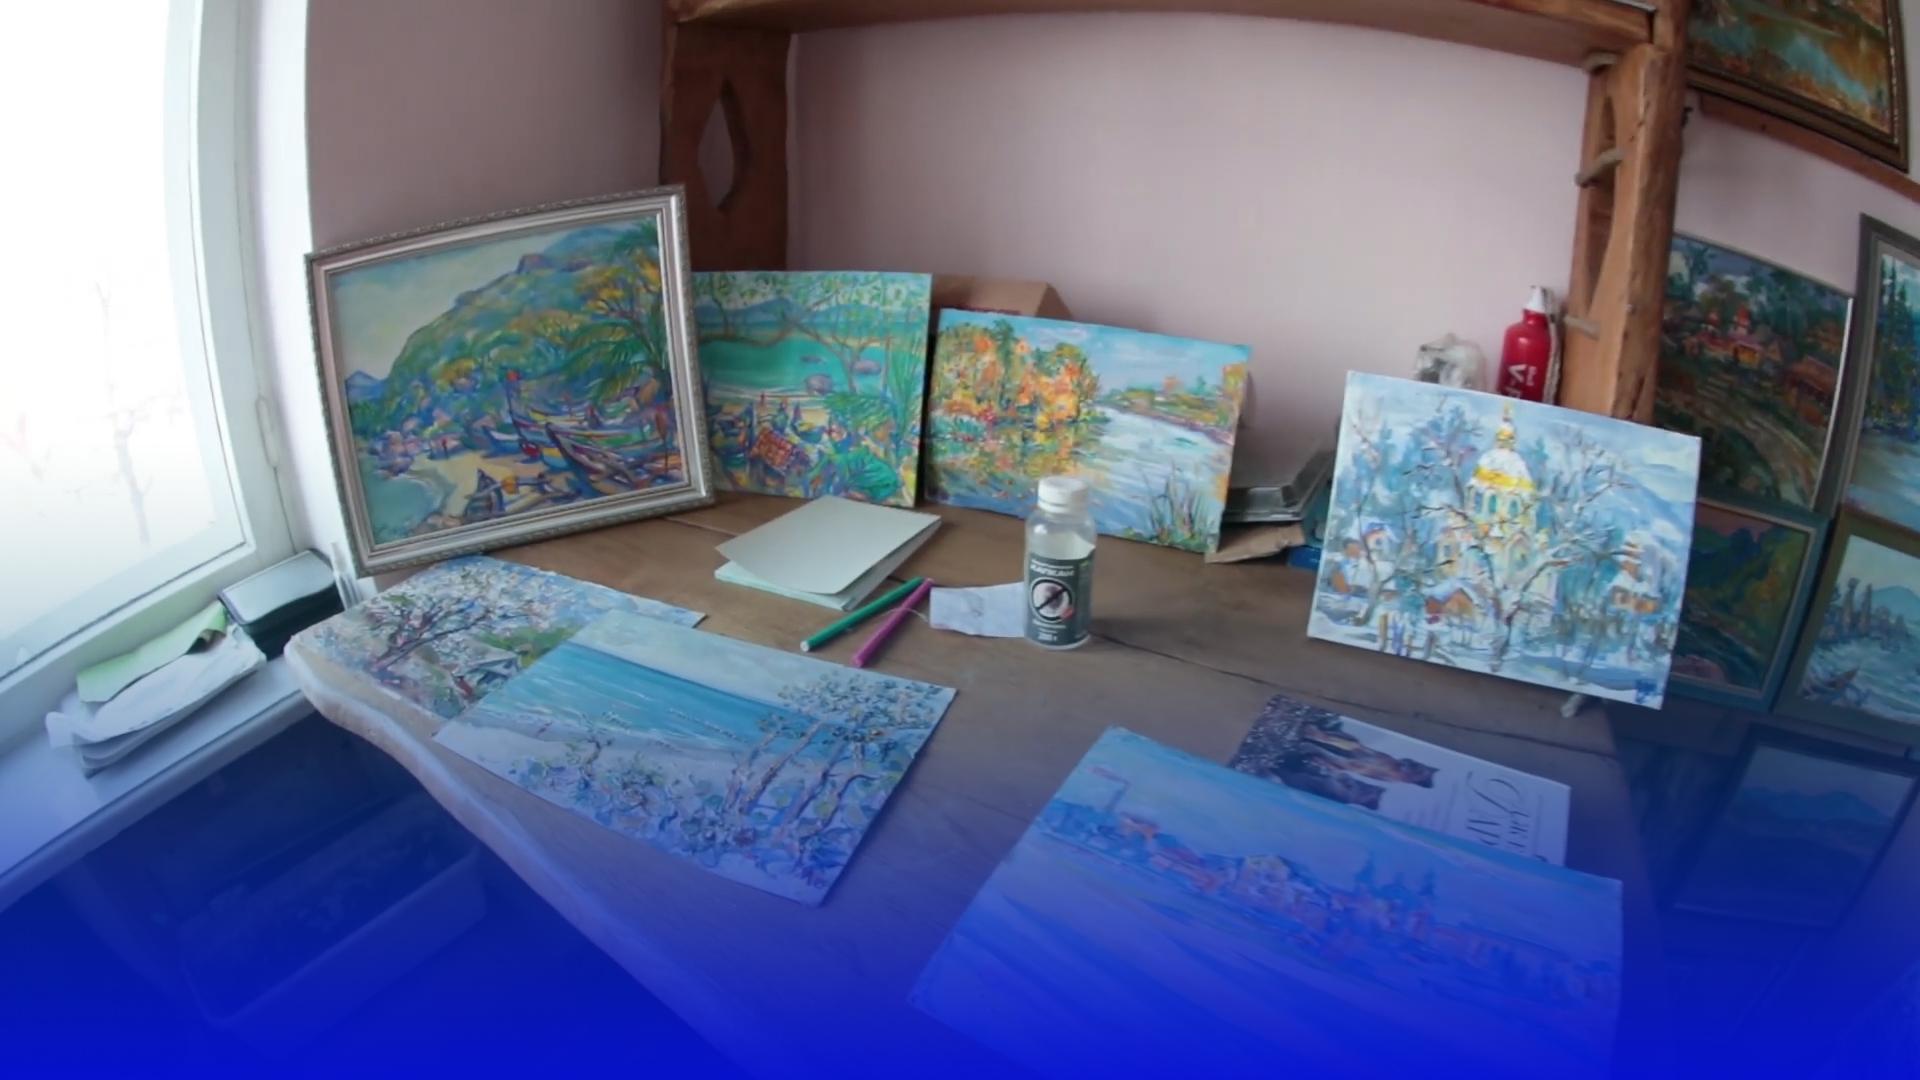 Художник з Тернополя продає картини, щоб допомогти дітям у притулку